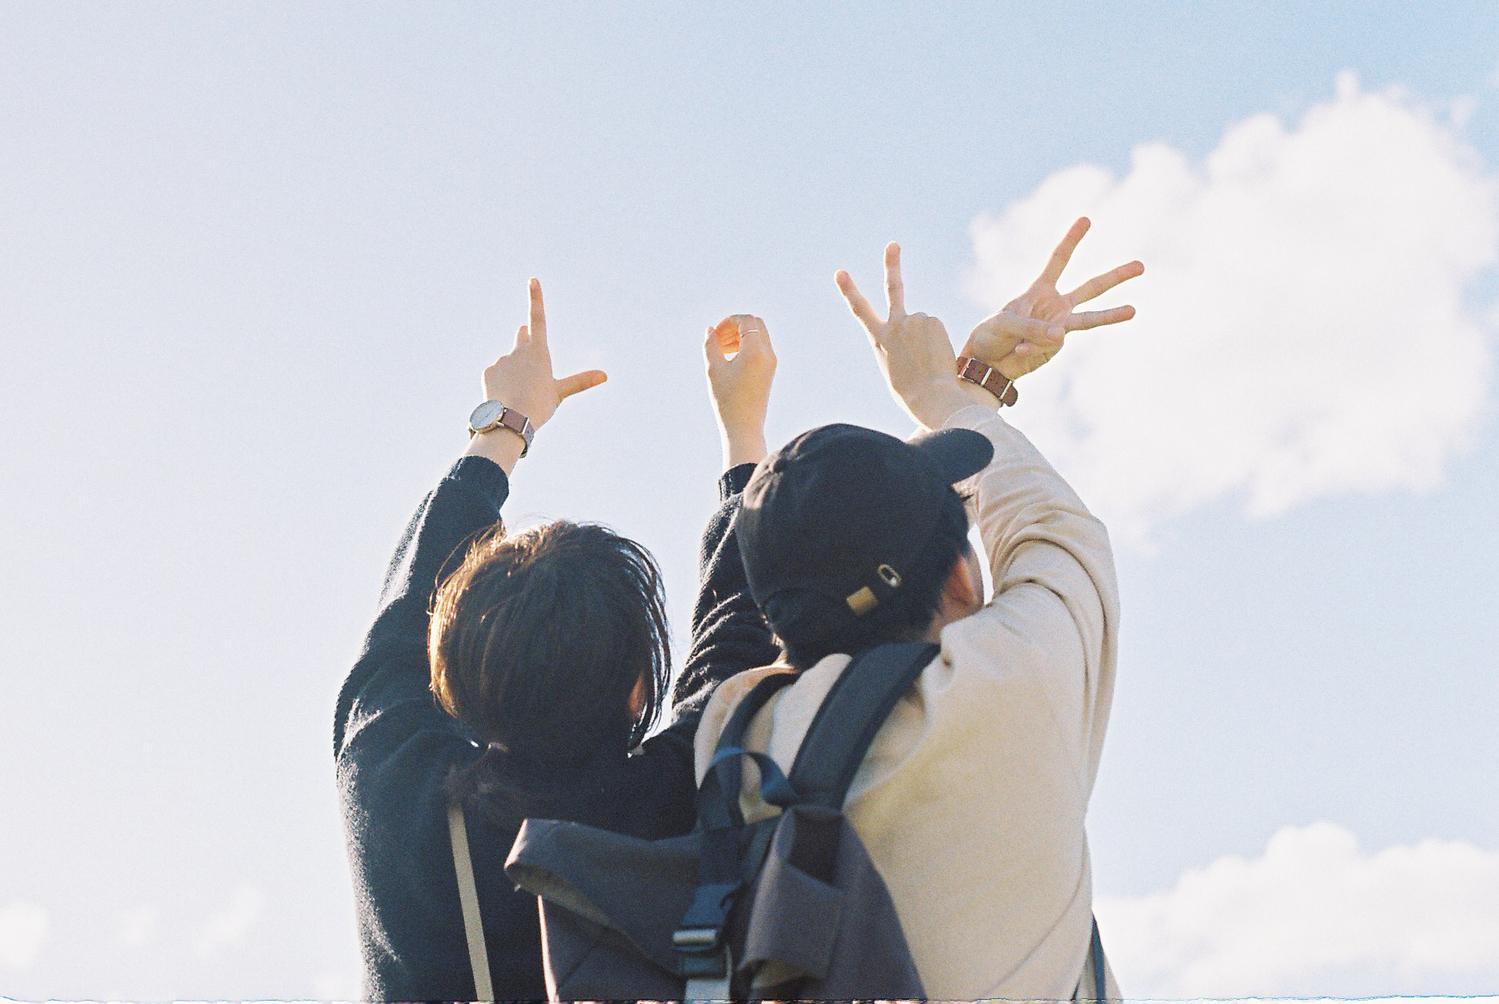 3. お互いの価値観を認め合う